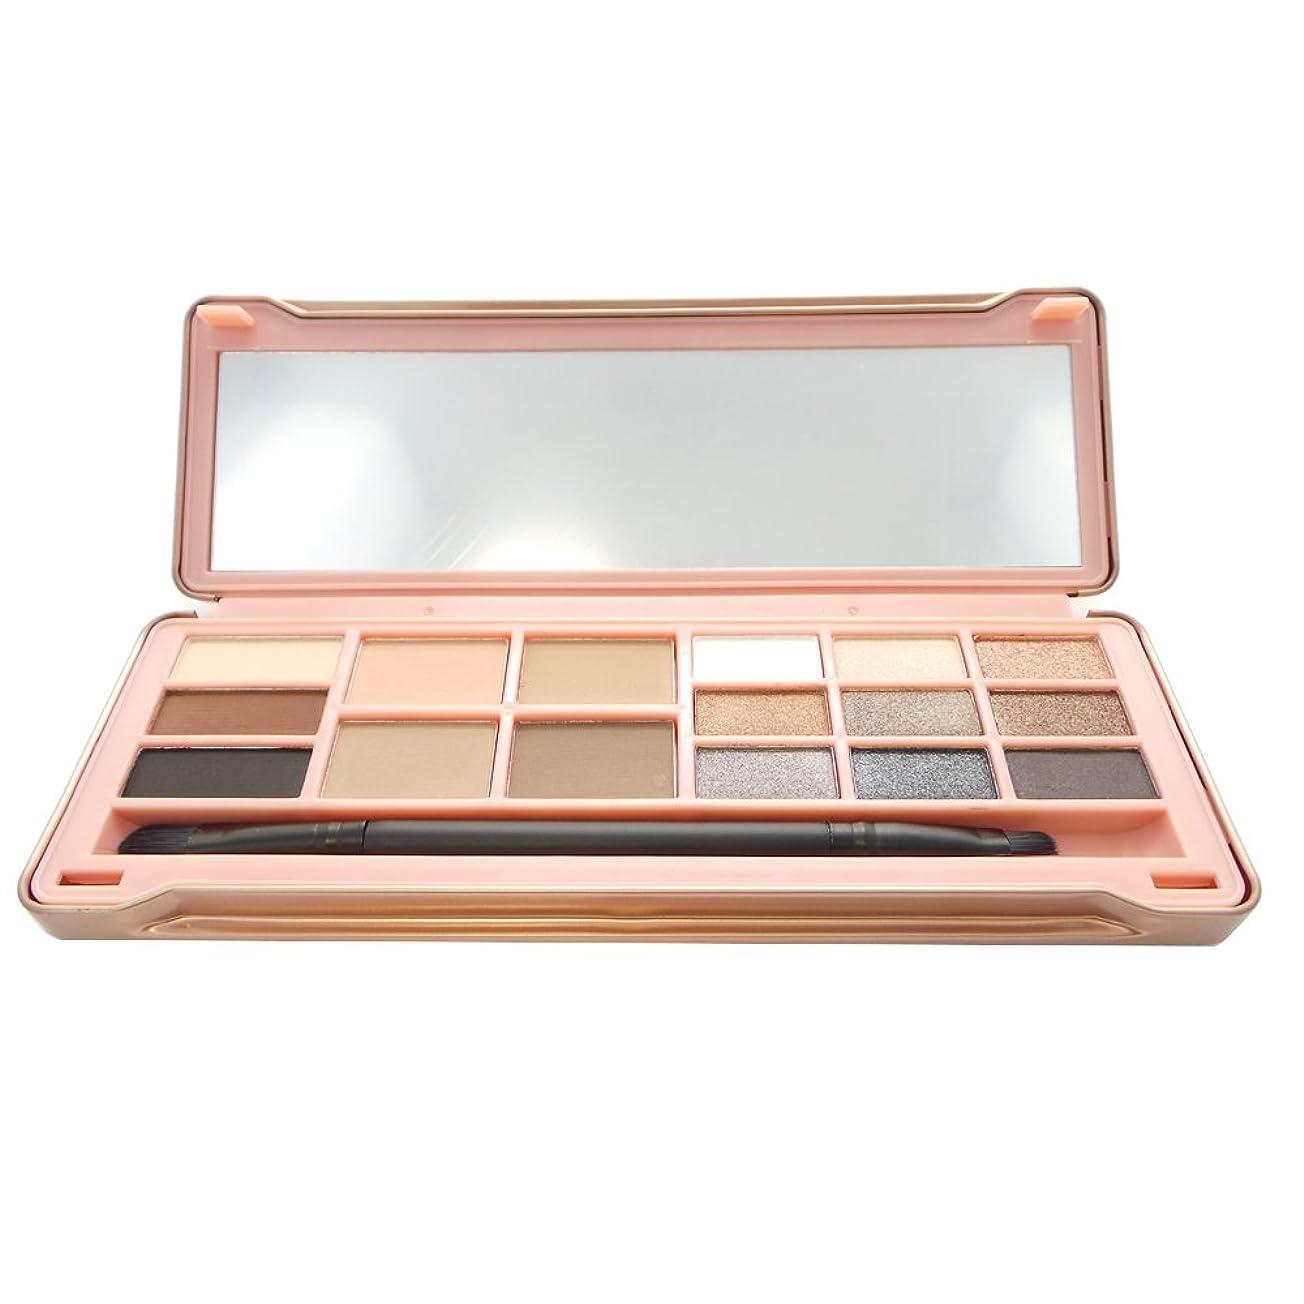 気がついてディベート屈辱する(6 Pack) OKALAN 16 Shade Natural Eyeshadow Palette - A (並行輸入品)